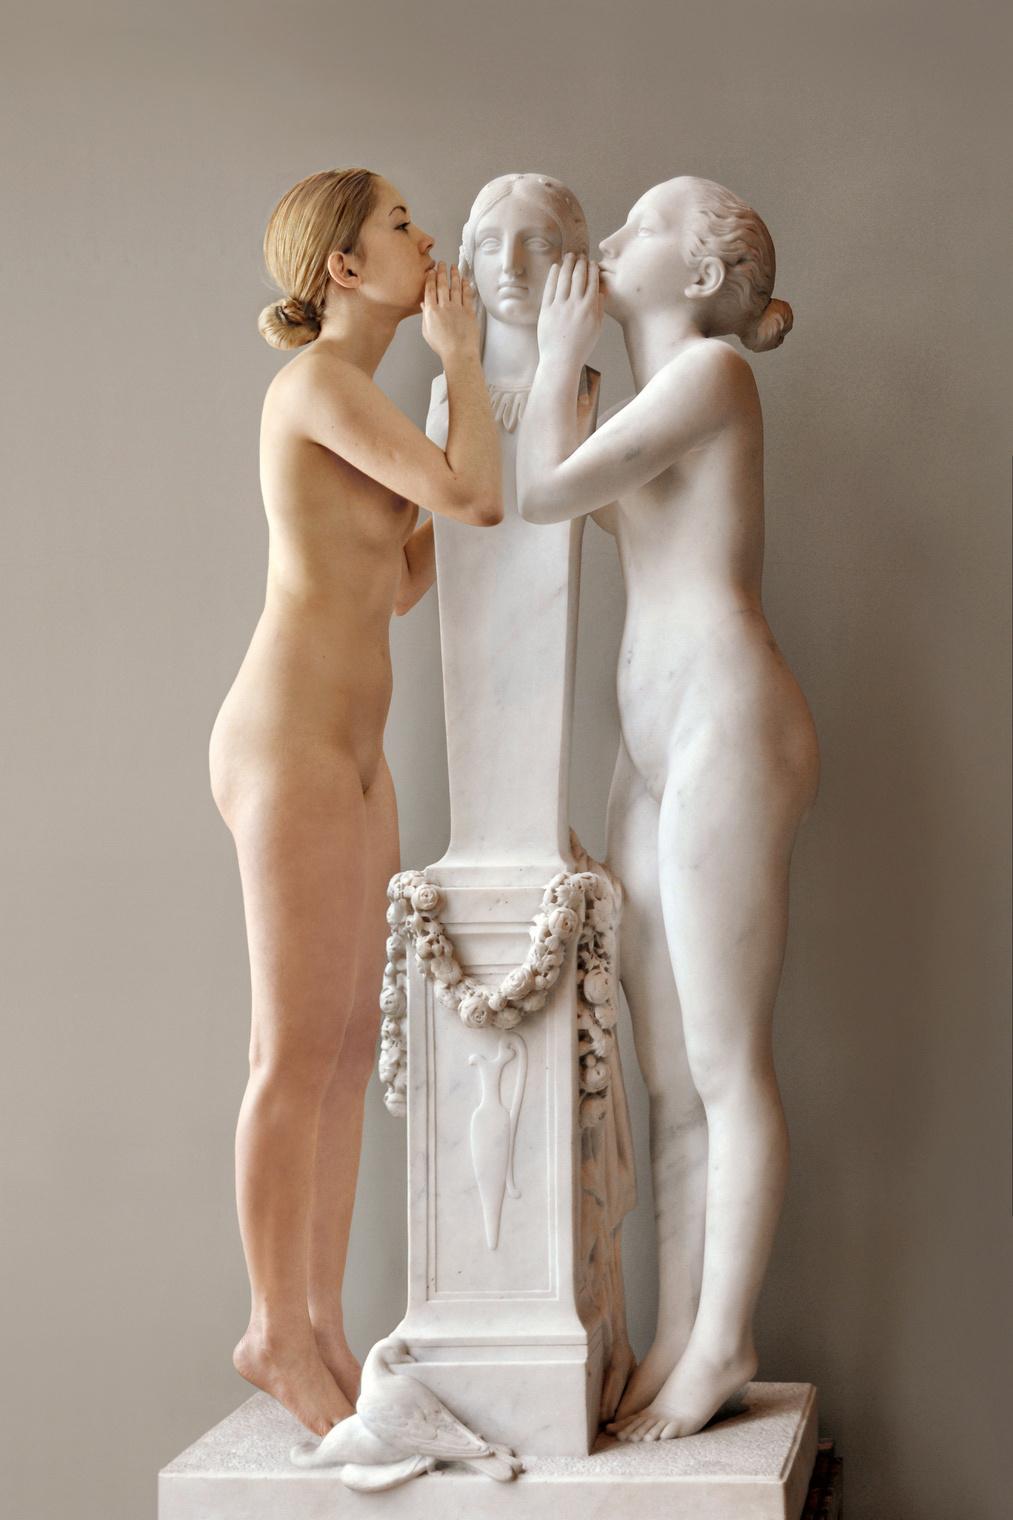 Statue sex cartoon pictures